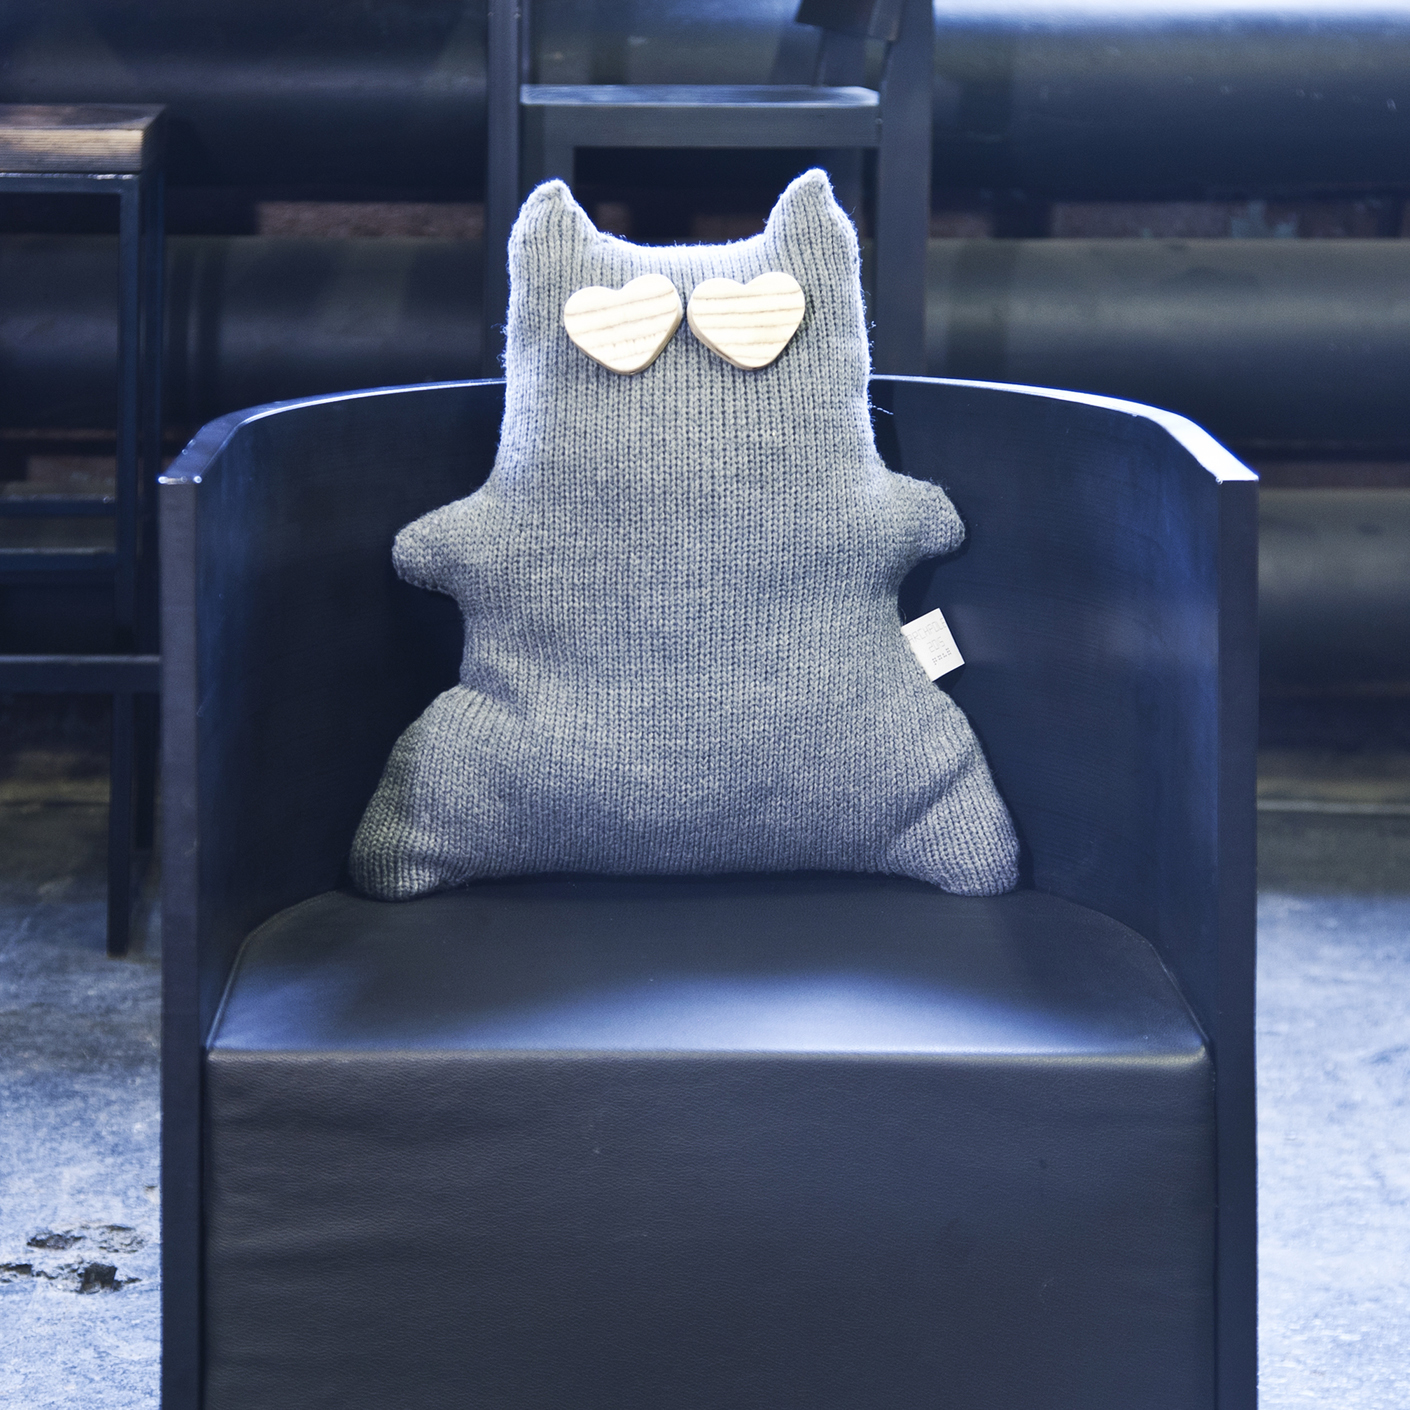 Подушка ДиеткошкаФигурные подушки<br>Материал: 50 % шерсть, 50 % акрил.<br><br>Material: Шерсть